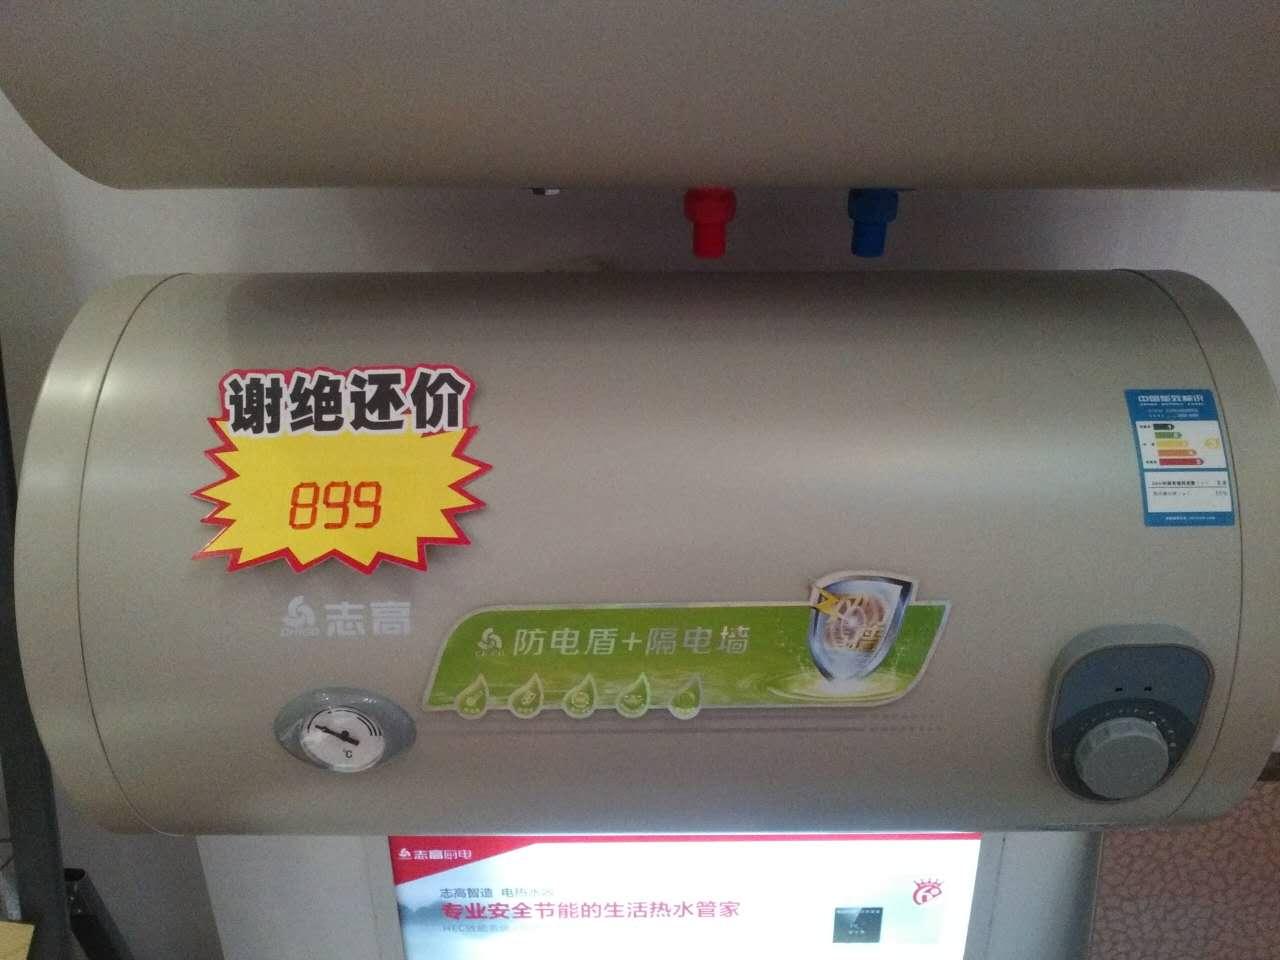 志高厨电 电热水器 原价:1260元 团购价:899元